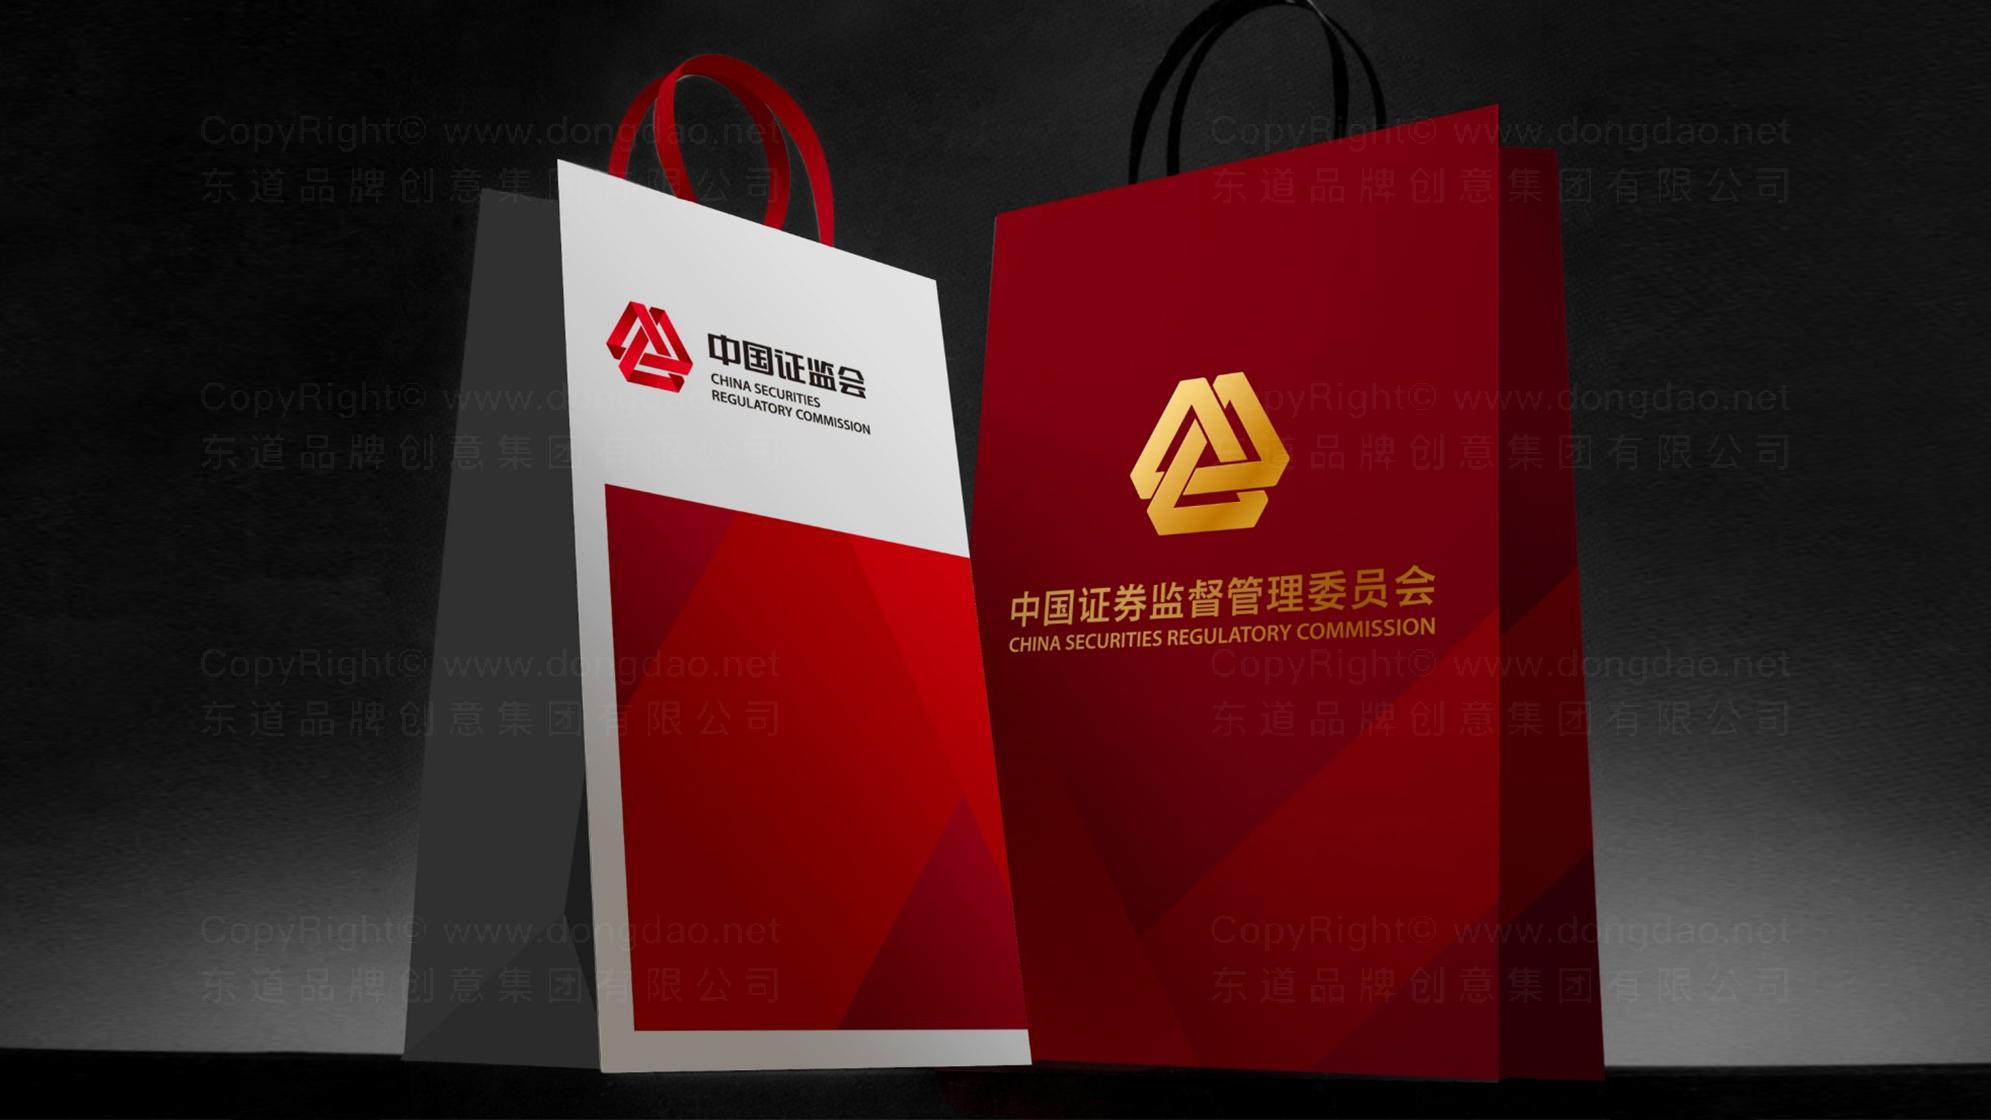 品牌设计中国证监会LOGO&VI设计应用场景_5